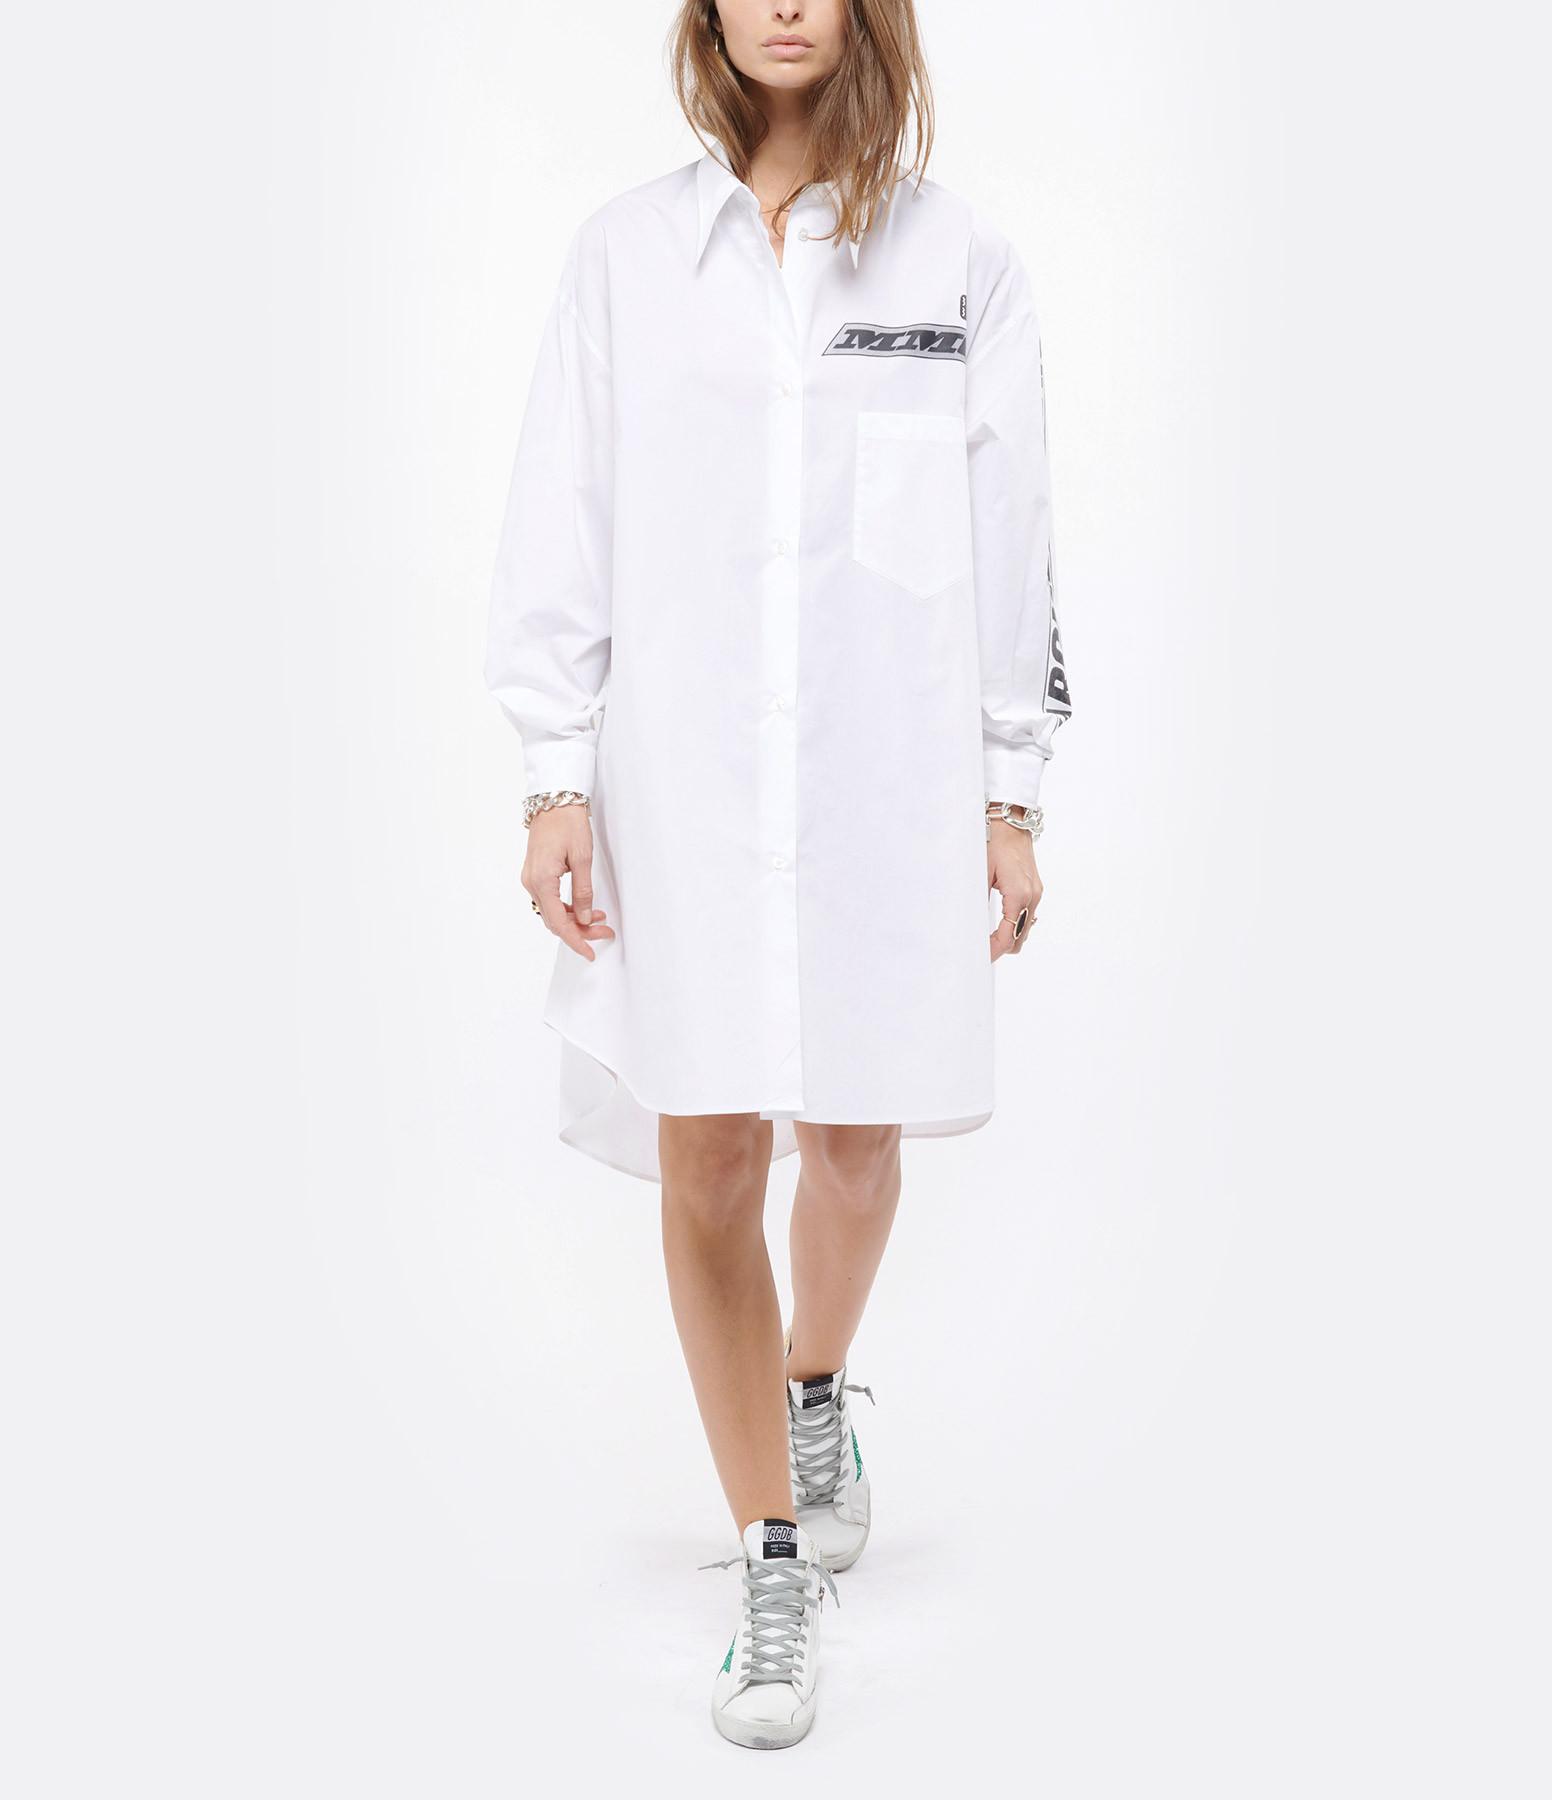 MM6 MAISON MARGIELA - Robe Chemise Oversize Coton Popeline Blanc